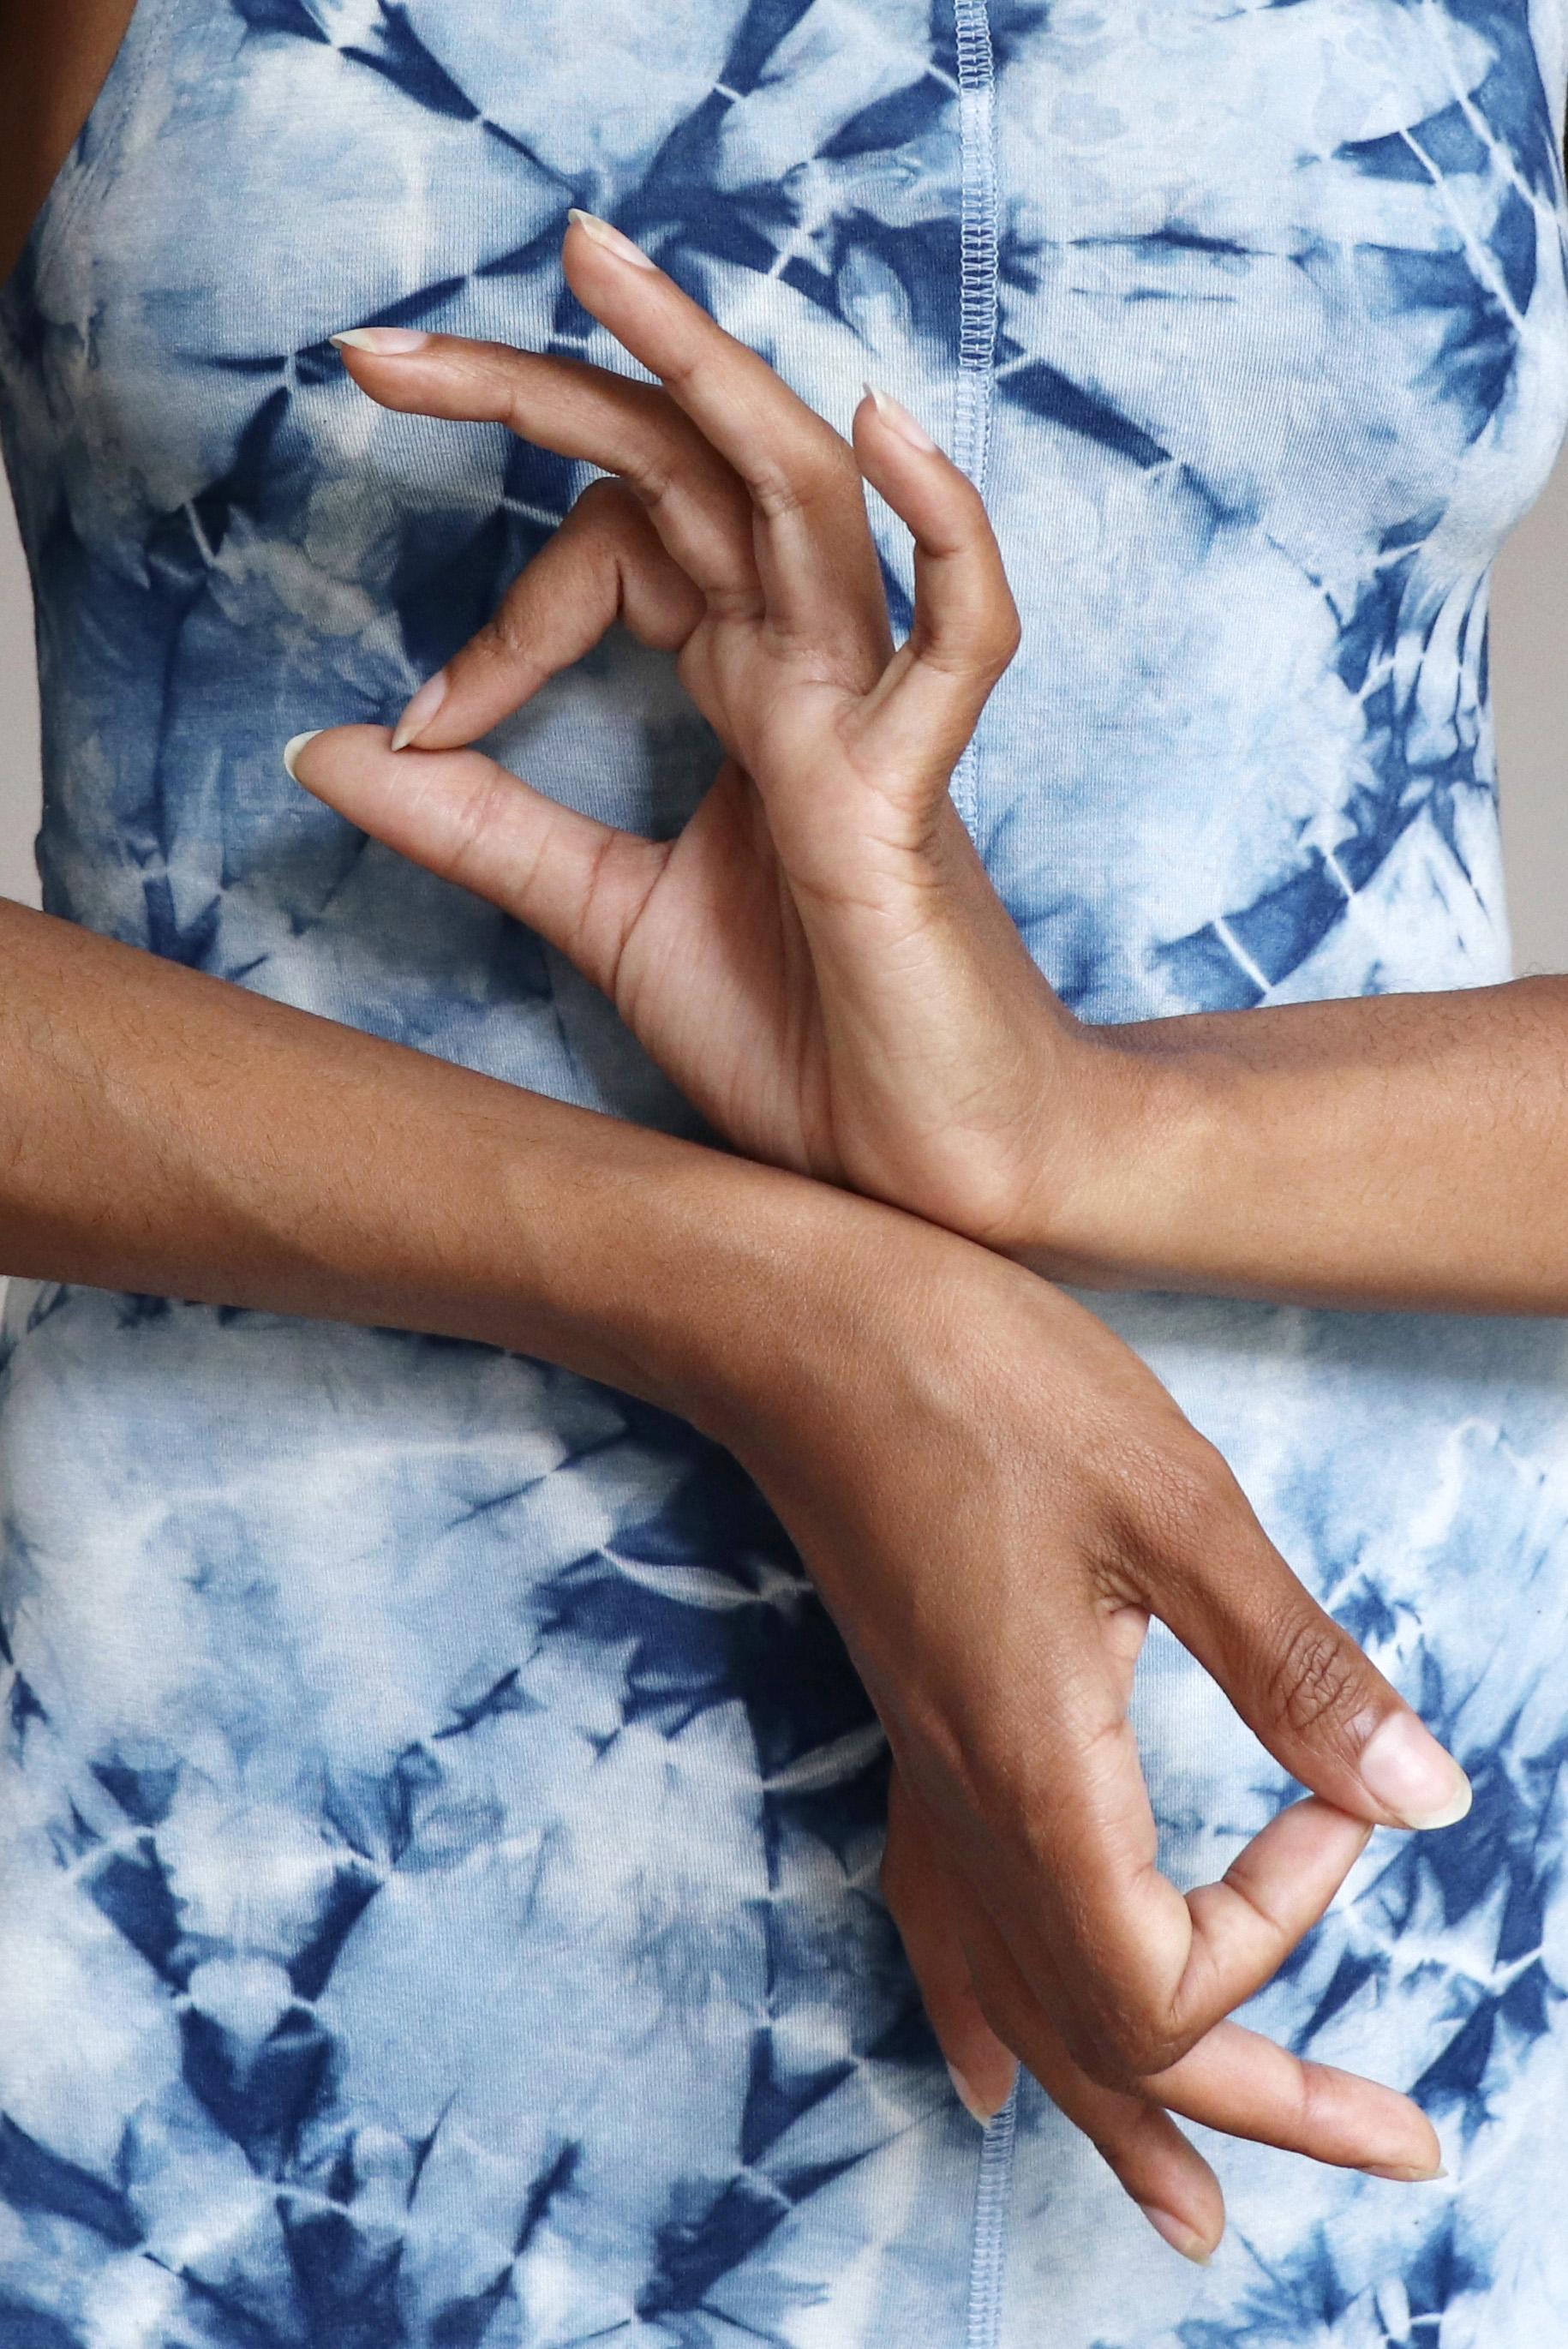 """- """"Afrika ist die Wiege der Menschheit und ebenfalls der Ursprung vieler Kulturen, der Naturwissenschaft und spiritueller Prinzipien. Somit war es für mich wenig überraschend eine Verbindung vom indischen Yoga nach Afrika zu entdecken."""""""